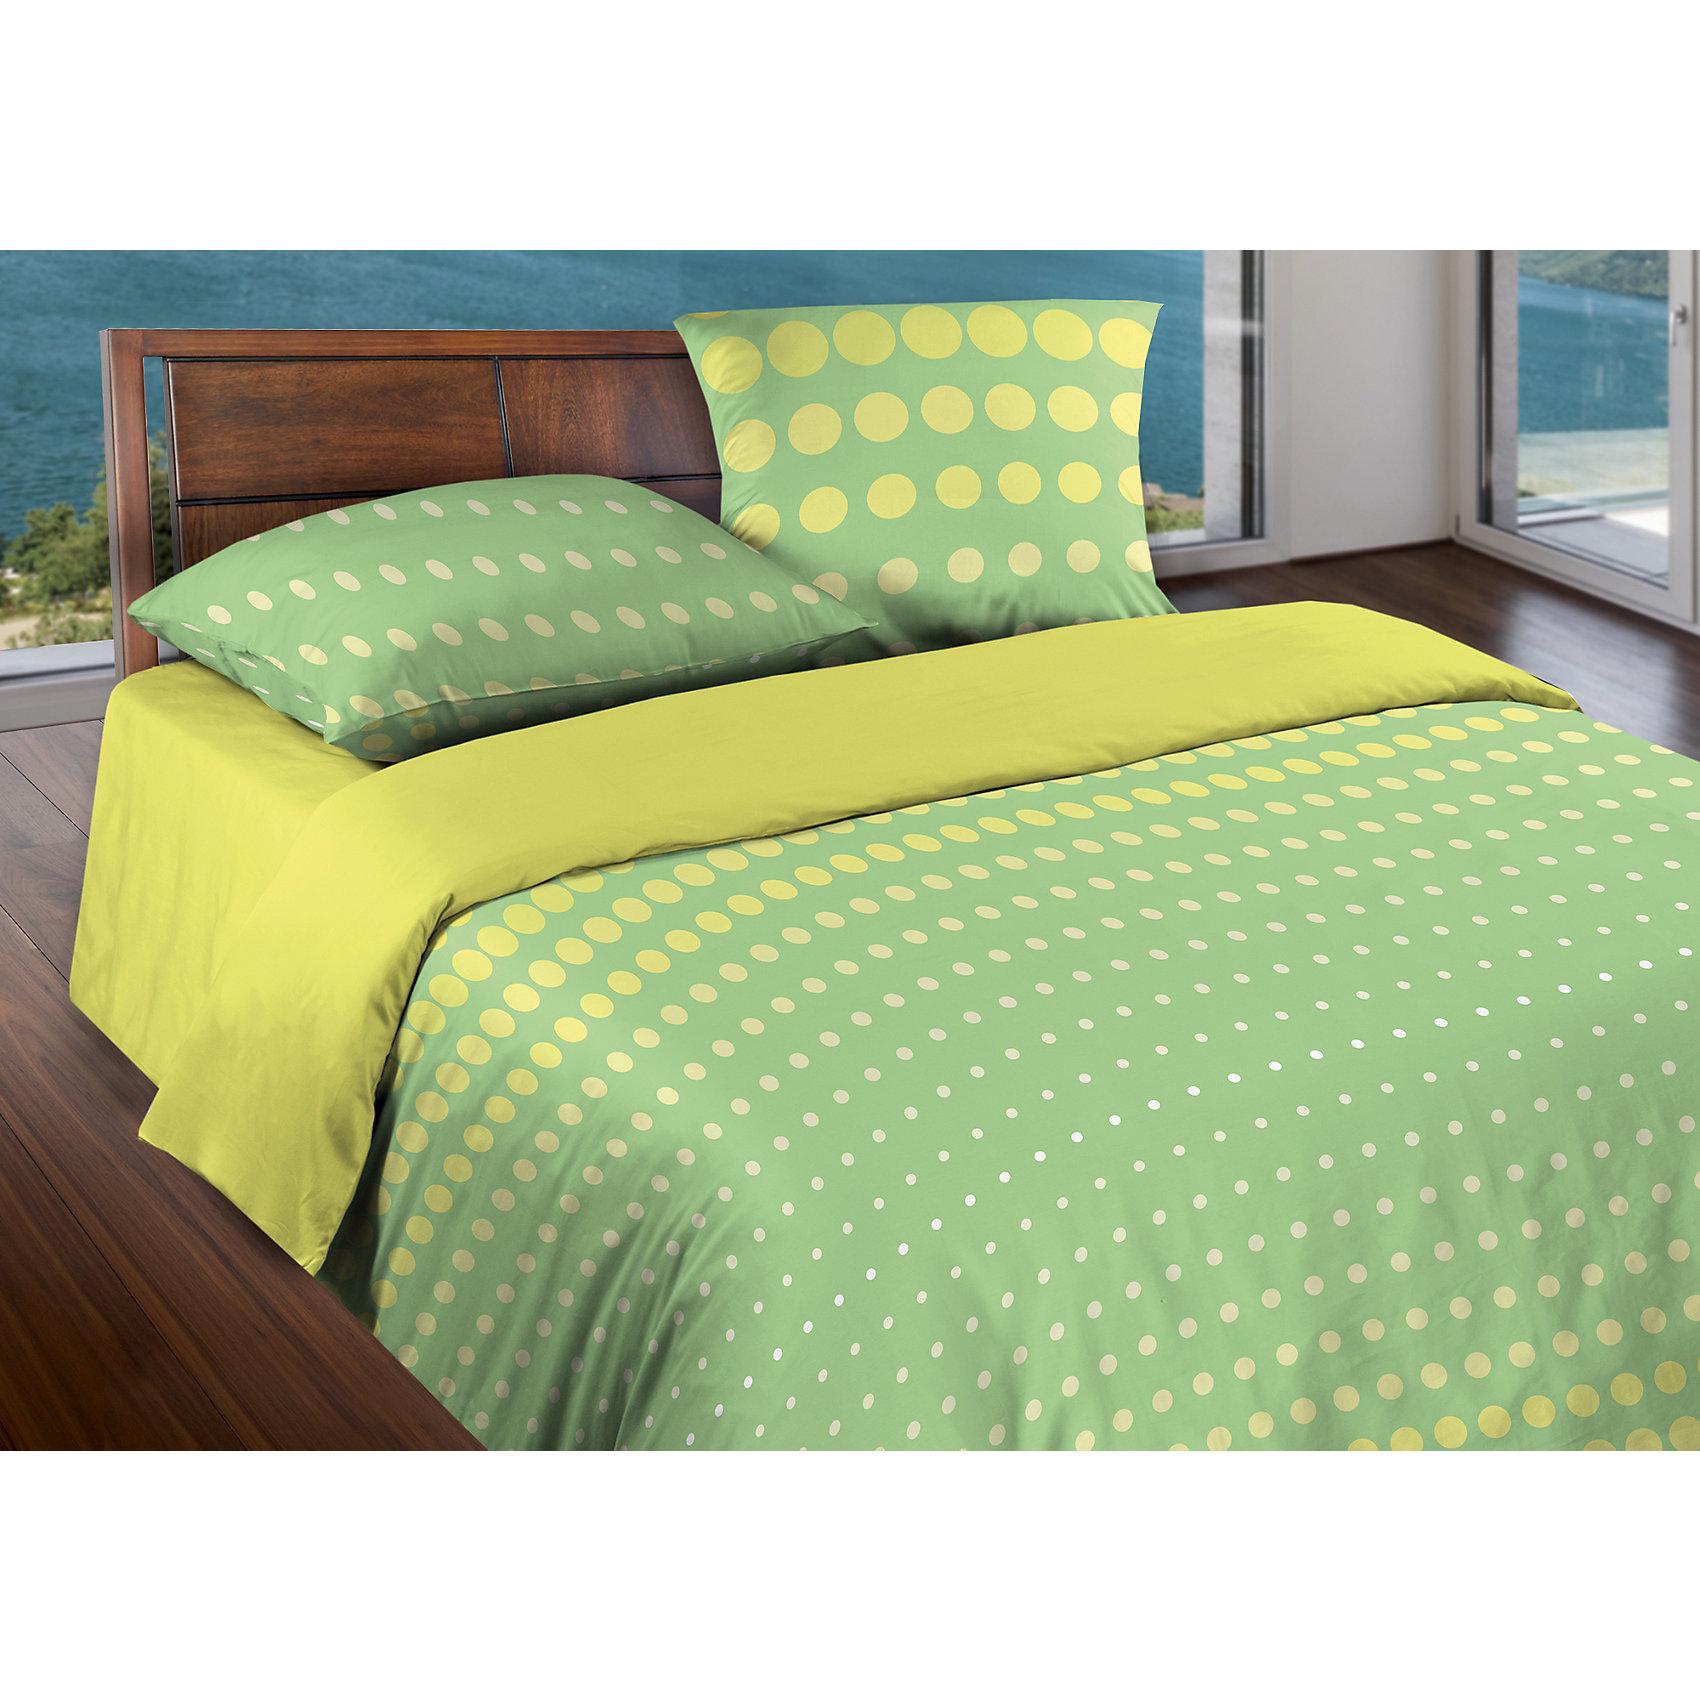 Постельное белье Евро Dot Green, БИО Комфорт, WENGE MotionДомашний текстиль<br>Постельное белье Евро Dot Green, БИО Комфорт, WENGE  (Венге) Motion<br><br>Характеристики:<br><br>• мягкое и гипоаллергенное<br>• позволяет коже дышать<br>• впитывает лишнюю влагу<br>• не выцветает<br>• уникальный дизайн<br>• в комплекте: пододеяльник, простынь, наволочка (2 шт.)<br>• размер пододеяльника: 215х175 см<br>• размер простыни: 220х240 см<br>• размер наволочки: 70х70 см<br>• тип печати: реактивная<br>• материал: хлопок<br>• вес: 1800 грамм<br><br>Dot Green - комплект постельного белья из высококачественного материала БИО комфорт. БИО комфорт известен своей воздухопроницаемостью, гипоаллергенностью и гигроскопичностью. Во время отдыха ваша кожа будет дышать, а вы сможете отдохнуть с комфортом. Качественные красители позволяют сохранить яркость принта на протяжении длительного времени. Красивый узор с эффектом градиента украсит вашу спальню и придаст индивидуальность интерьеру.<br><br>Постельное белье Евро Dot Green, БИО Комфорт, WENGE (Венге) Motion вы можете купить в нашем интернет-магазине.<br><br>Ширина мм: 500<br>Глубина мм: 250<br>Высота мм: 500<br>Вес г: 2400<br>Возраст от месяцев: 216<br>Возраст до месяцев: 1188<br>Пол: Унисекс<br>Возраст: Детский<br>SKU: 5569290